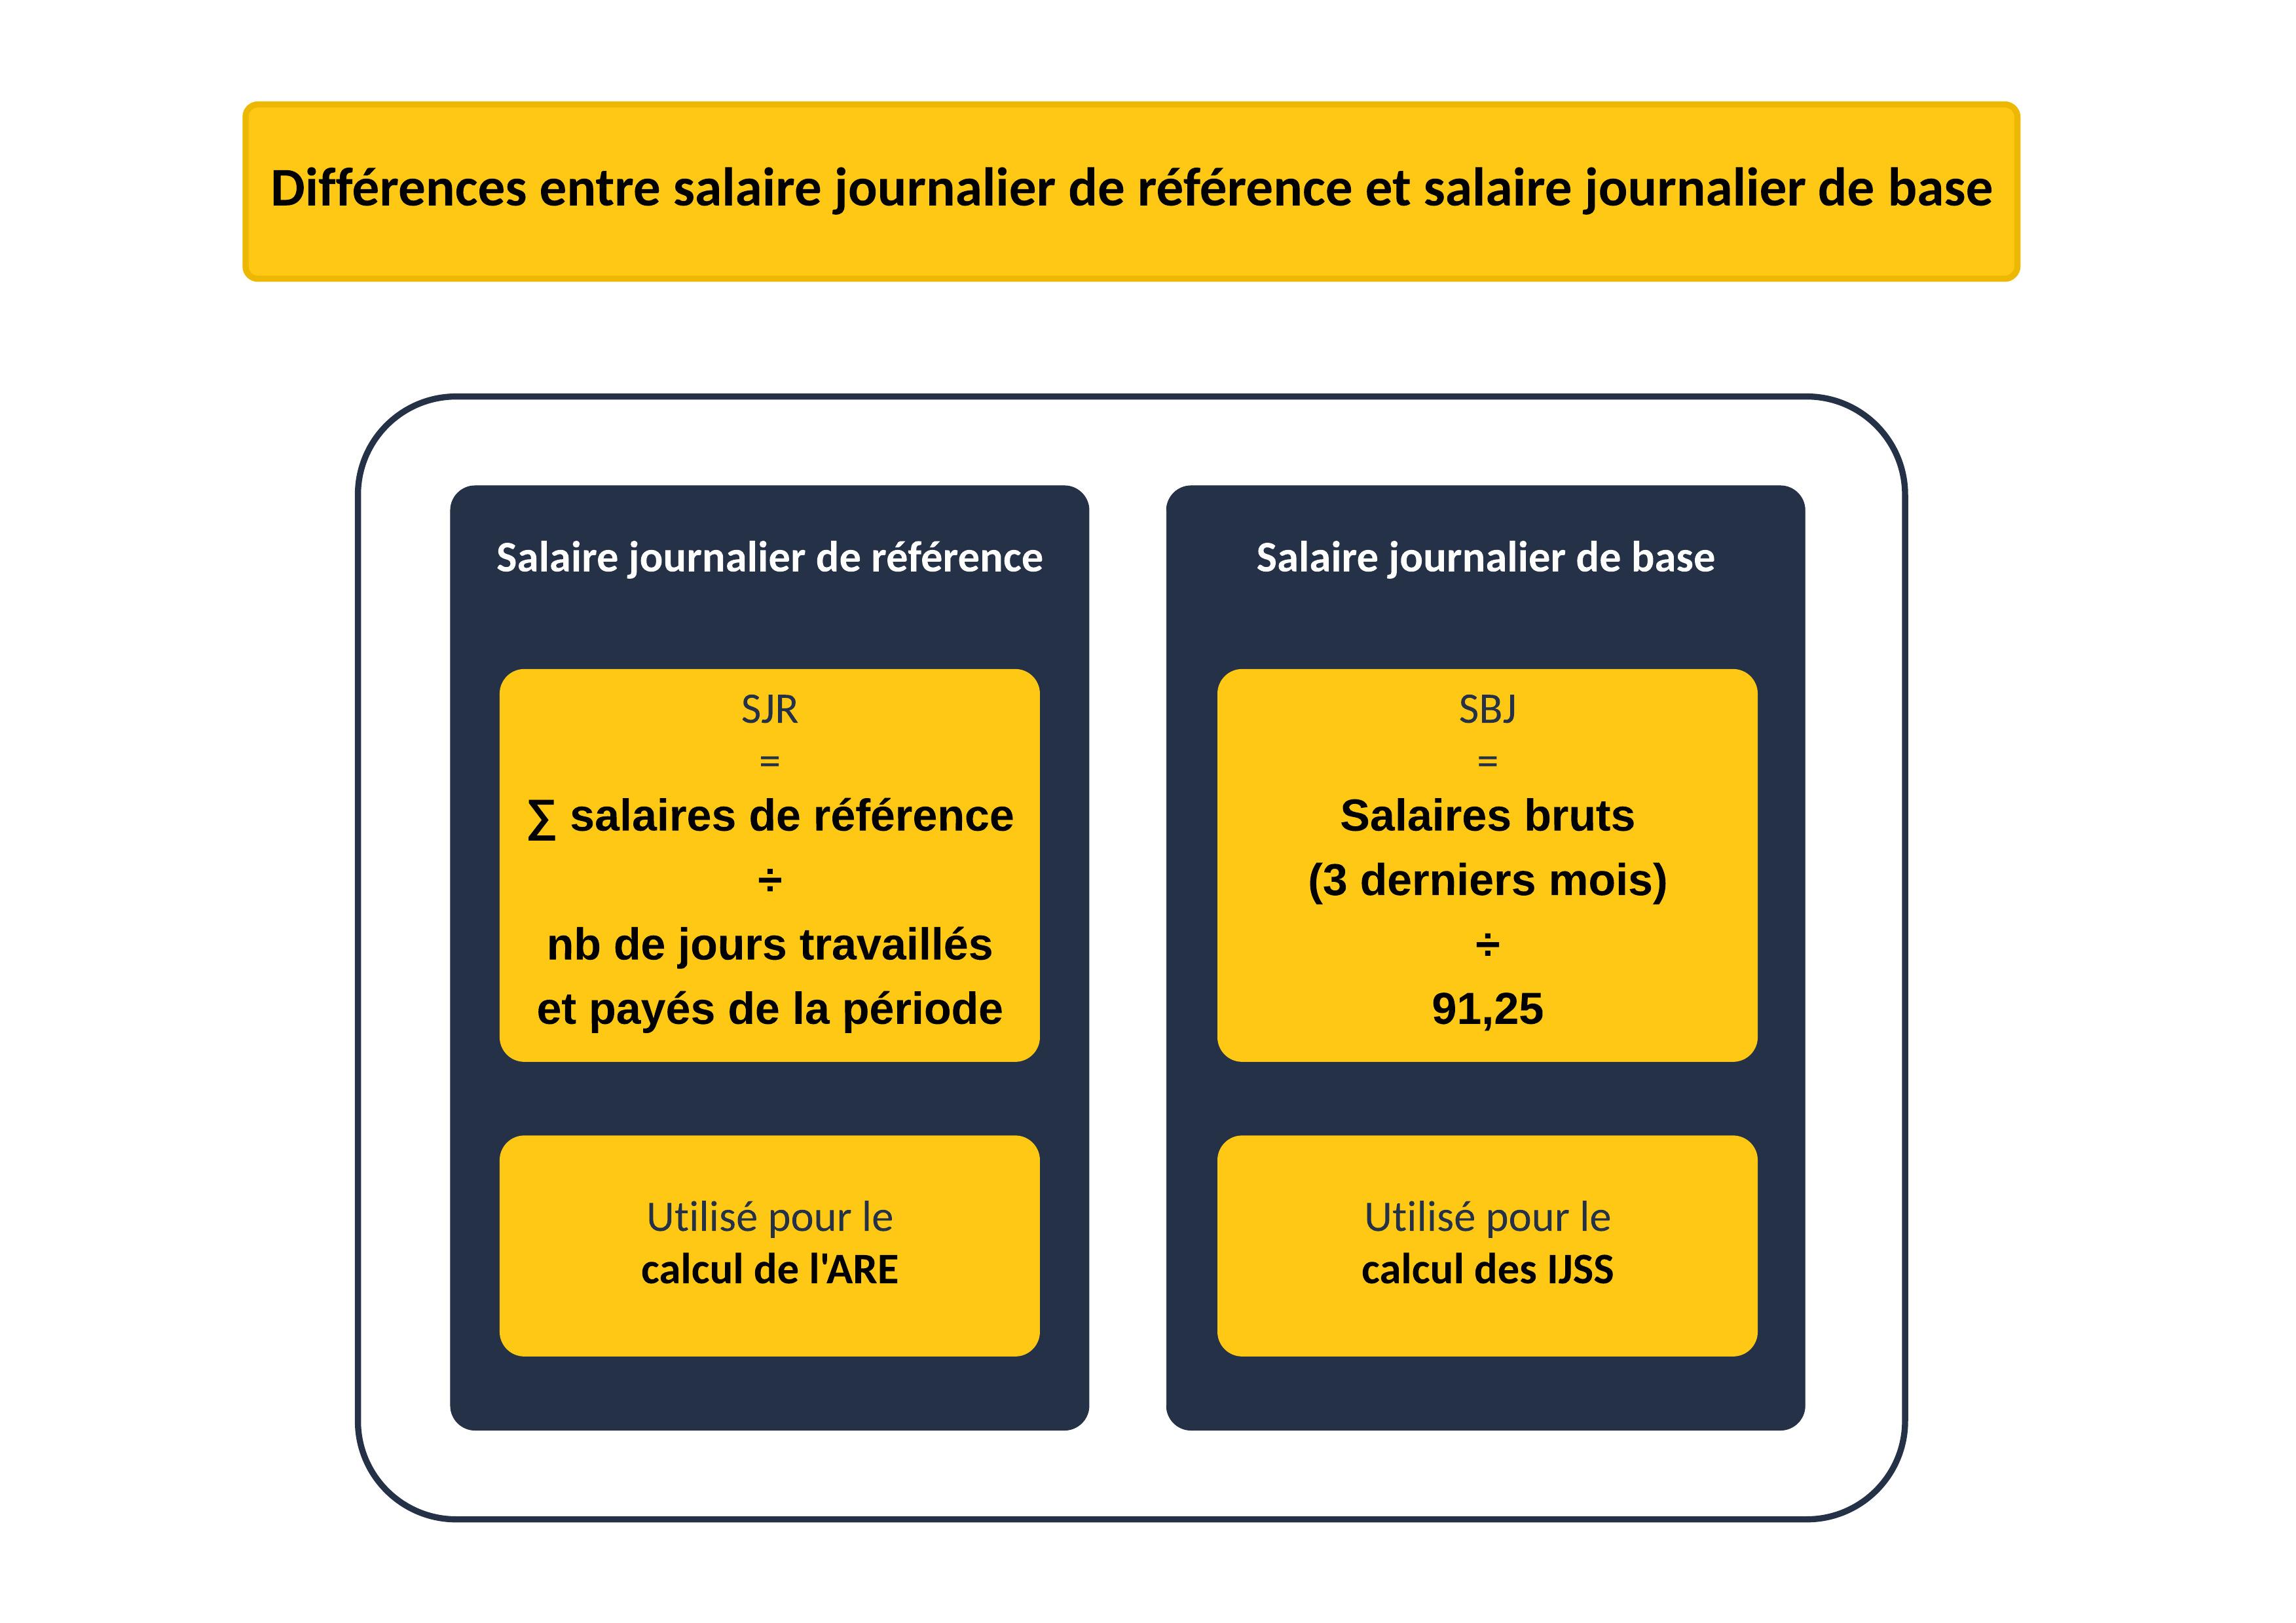 Différences entre salaire journalier de référence et salaire journalier de base